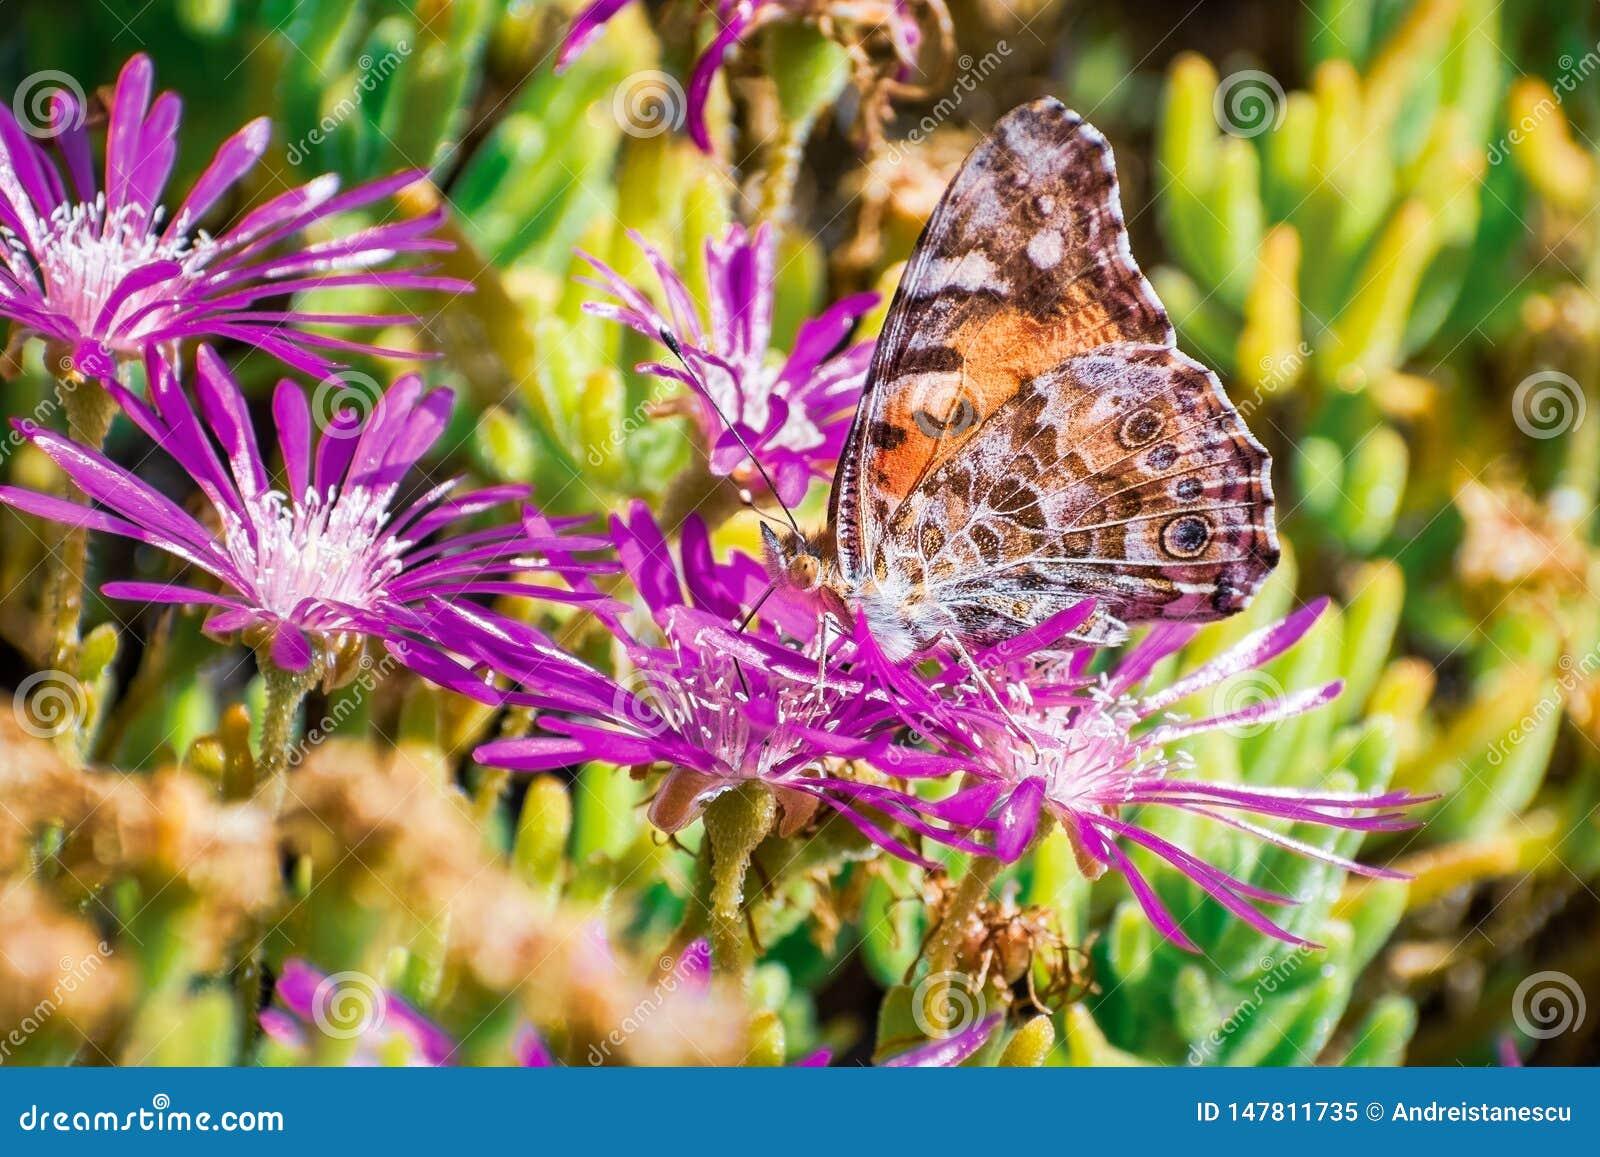 Feche acima da borboleta do cardui da senhora Vanessa Painted que poliniza uma flor de arrasto do cooperi de Iceplant Delosperma,